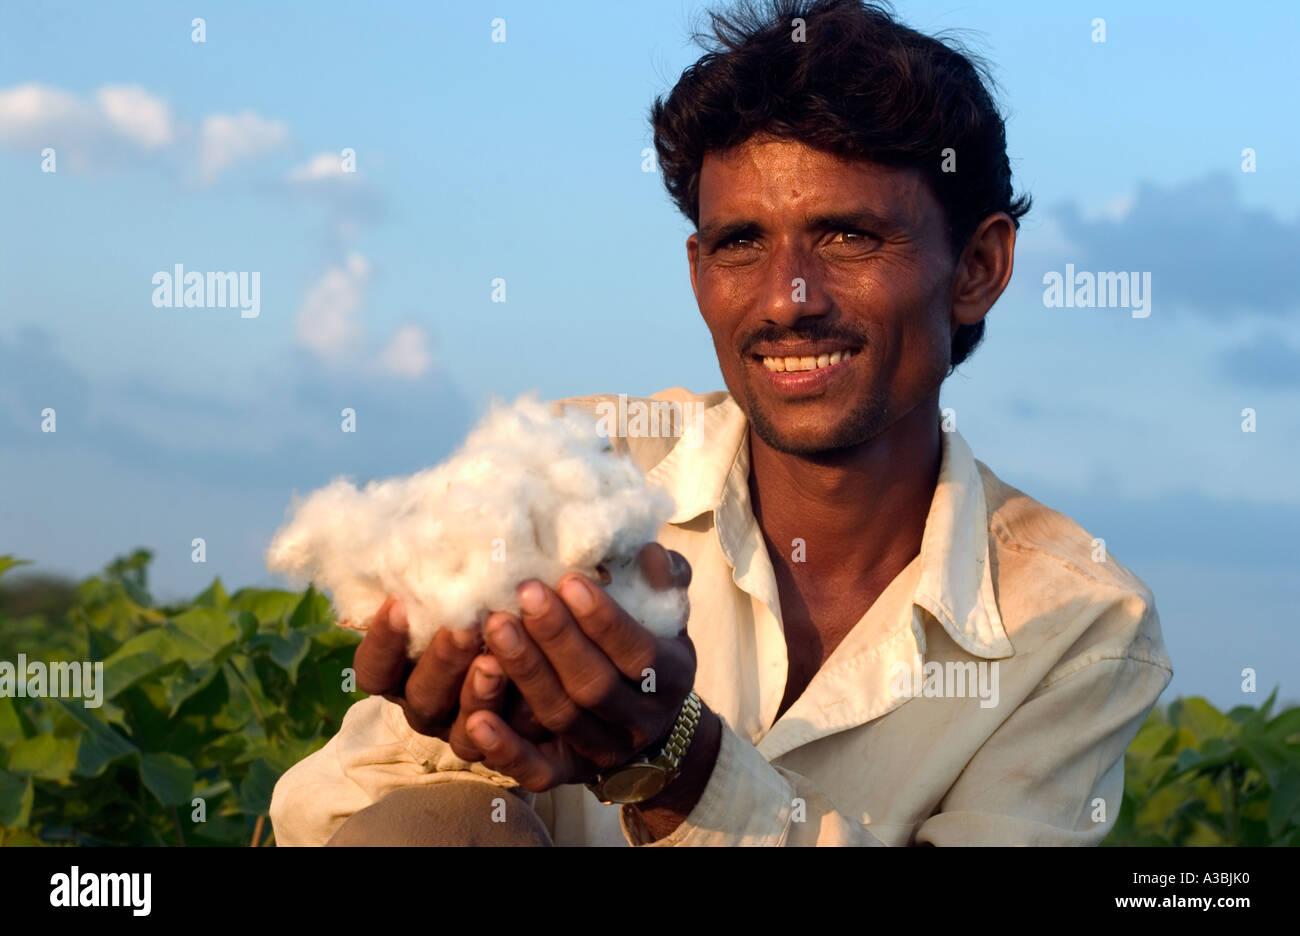 Bauer in Guajarat Indien wächst Baumwolle, die er unter das Fairtrade-System, Marks and Spencer verkauftStockfoto